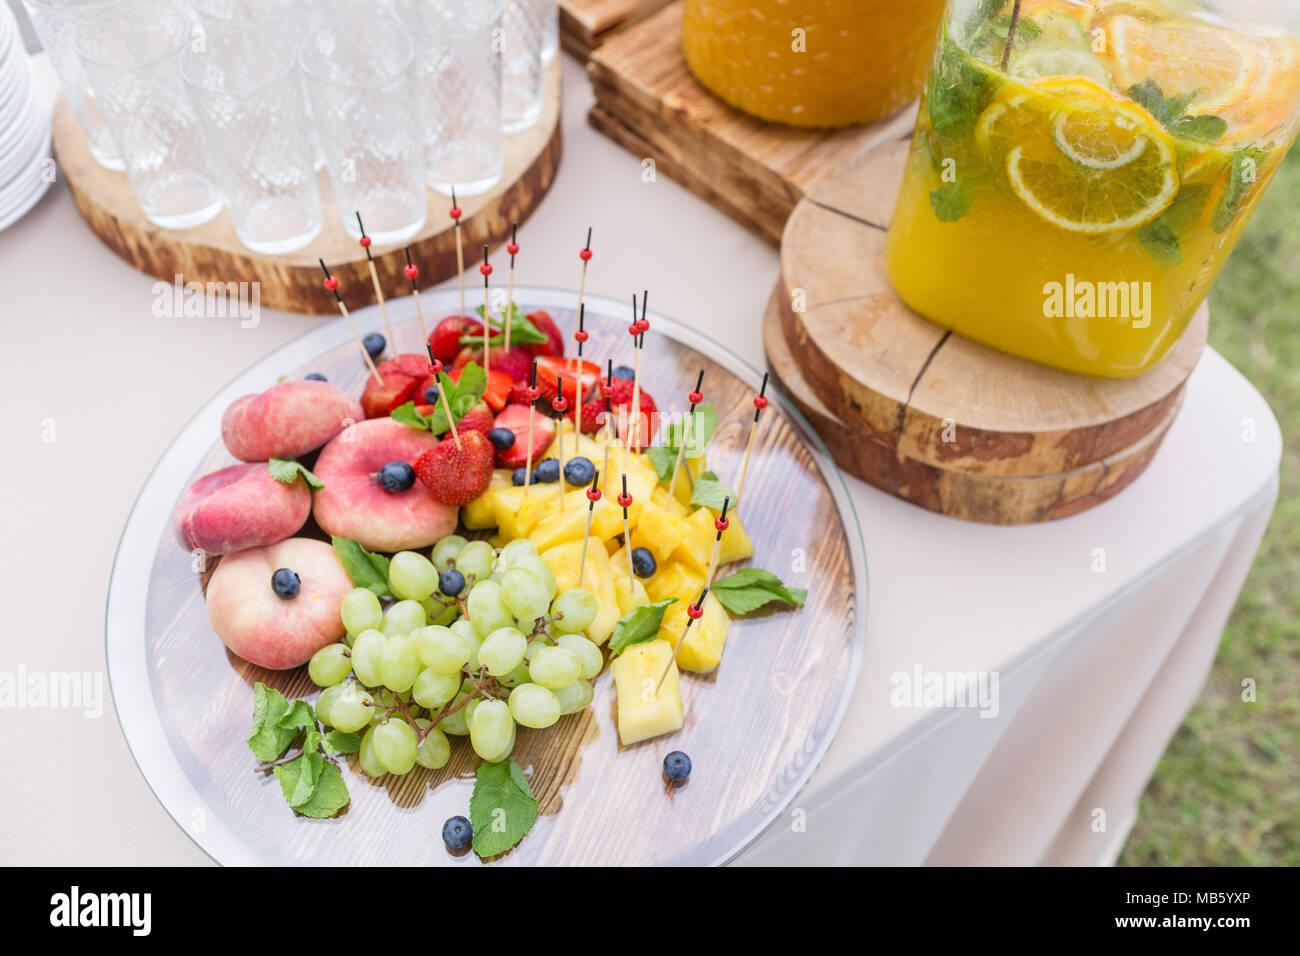 banque de limonade en verre avec des tranches d'agrumes sur une